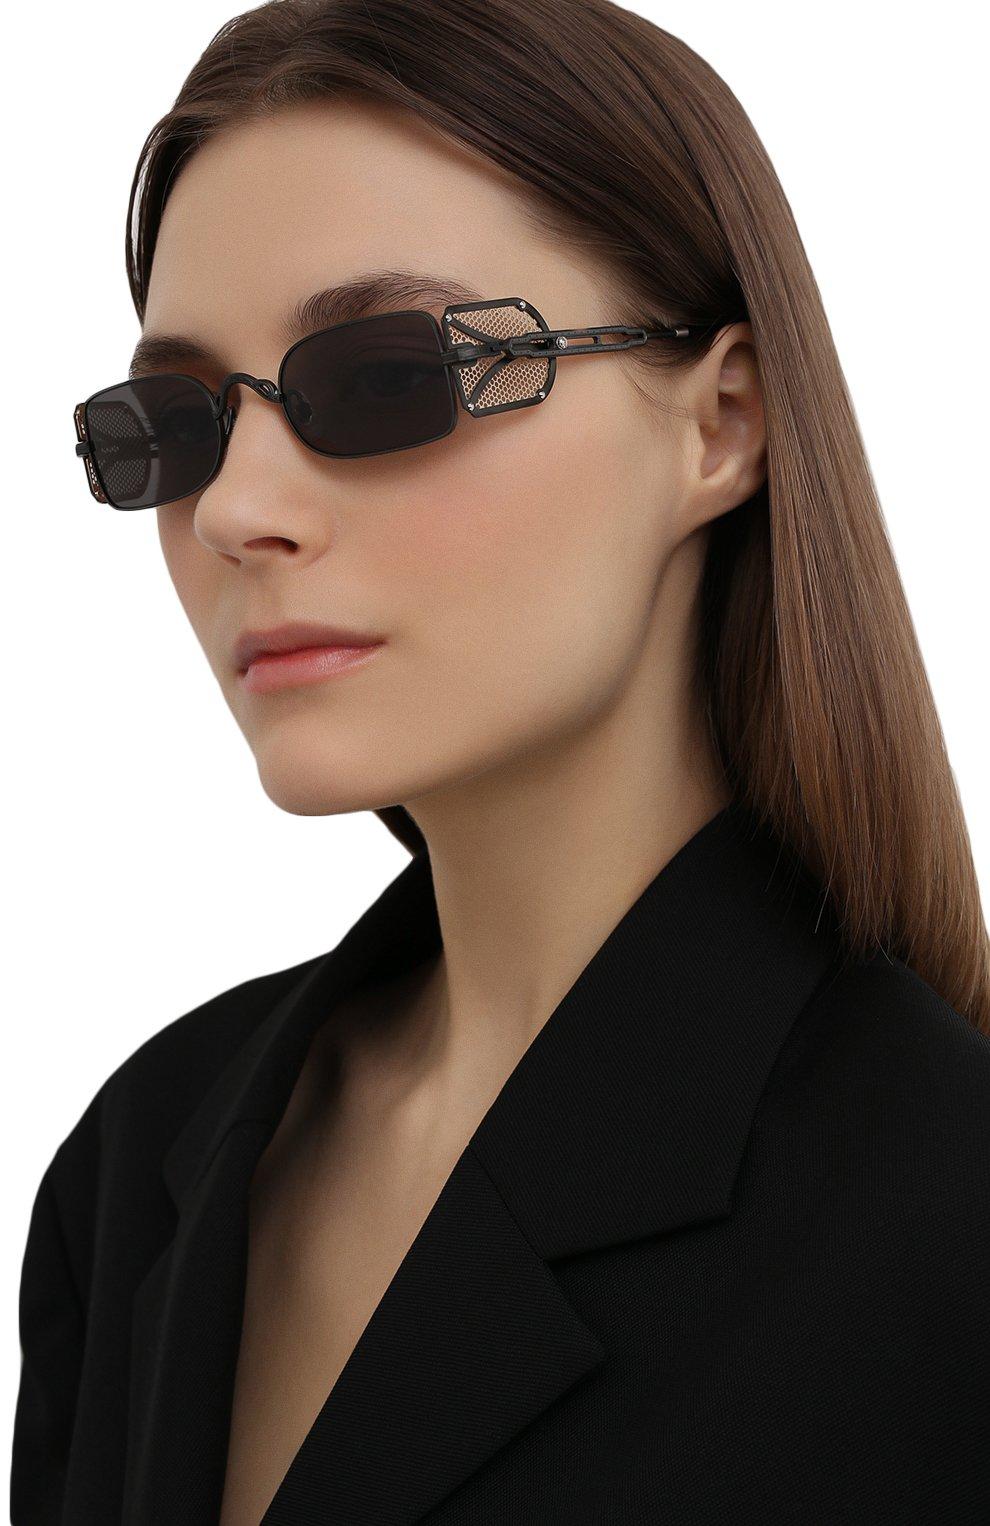 Женские солнцезащитные очки MATSUDA темно-серого цвета, арт. 10611H MBK-BG | Фото 2 (Тип очков: С/з; Очки форма: Овальные, Круглые; Оптика Гендер: оптика-унисекс)